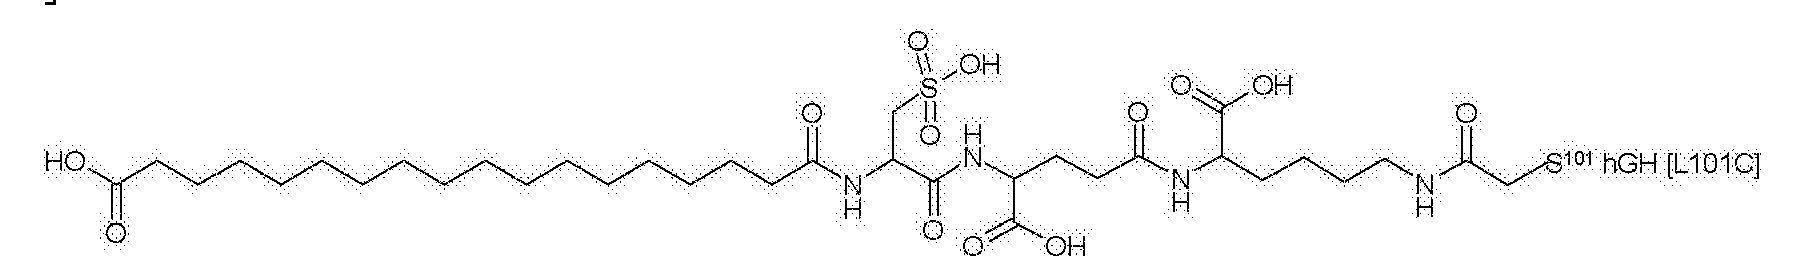 Figure CN103002918BD01293